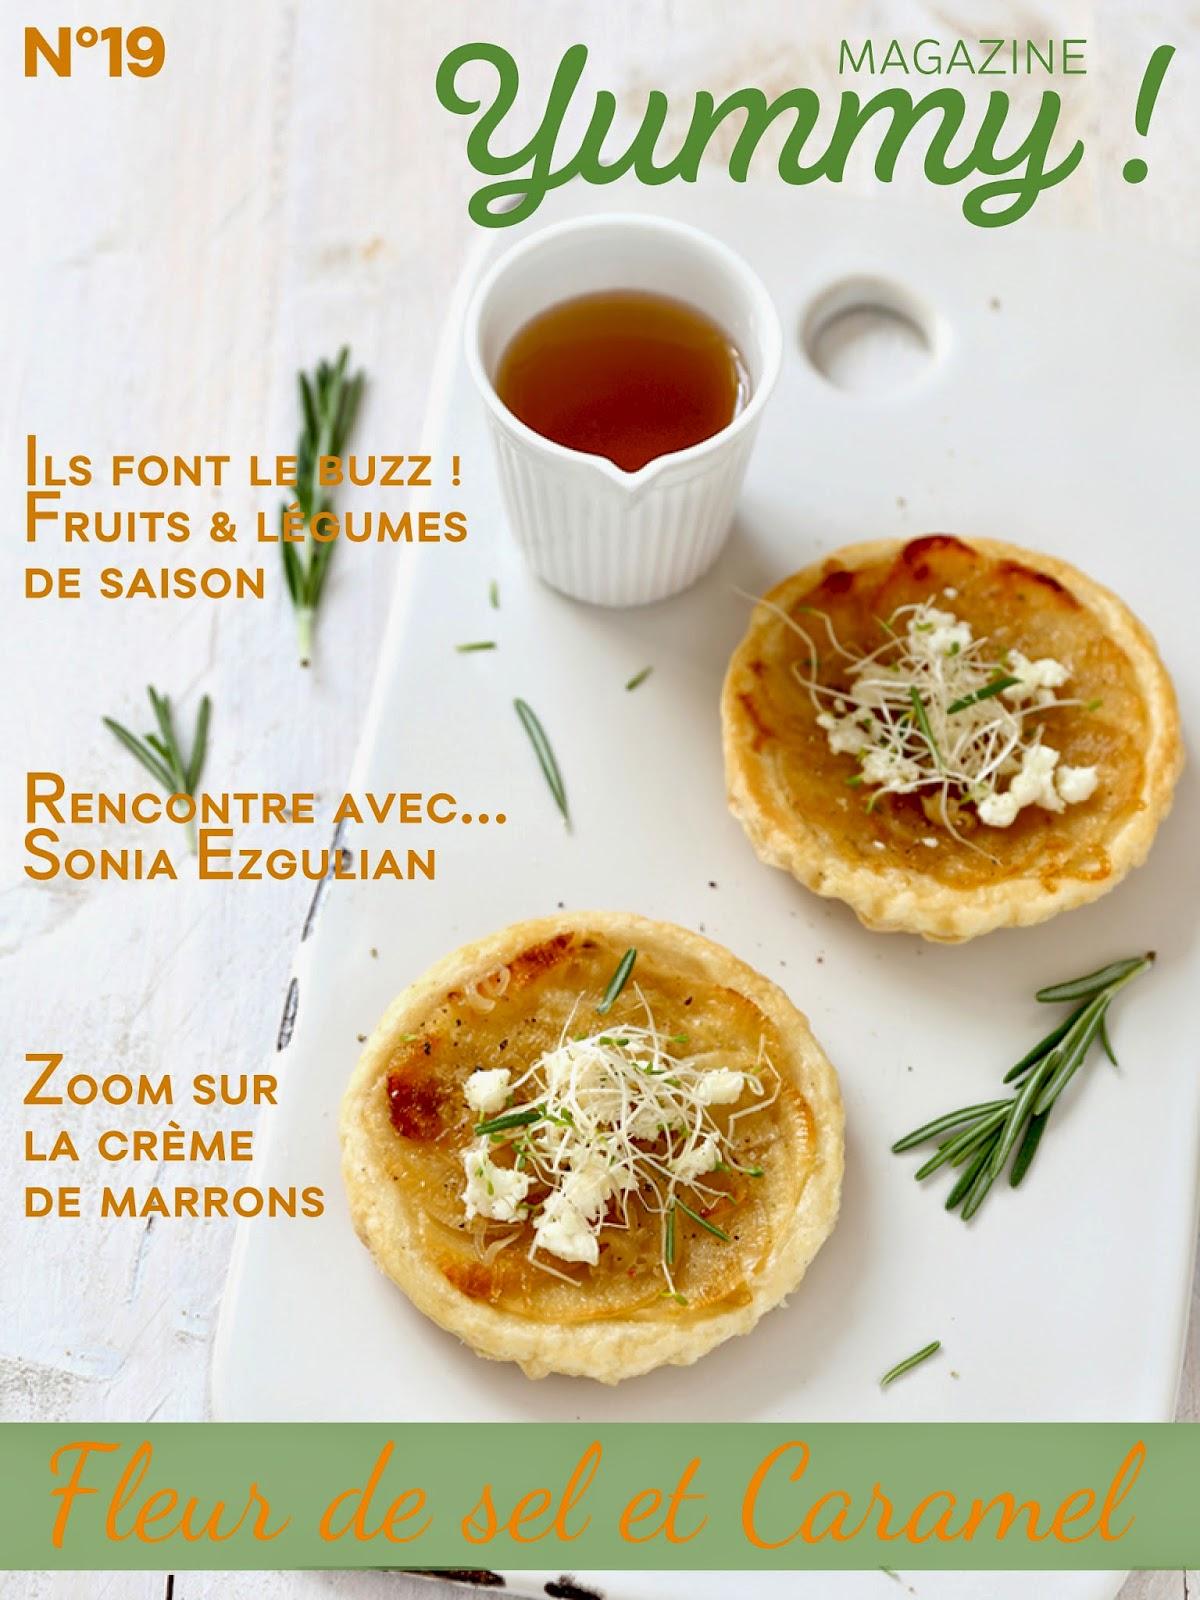 Yummy magazine n°19 est disponible !